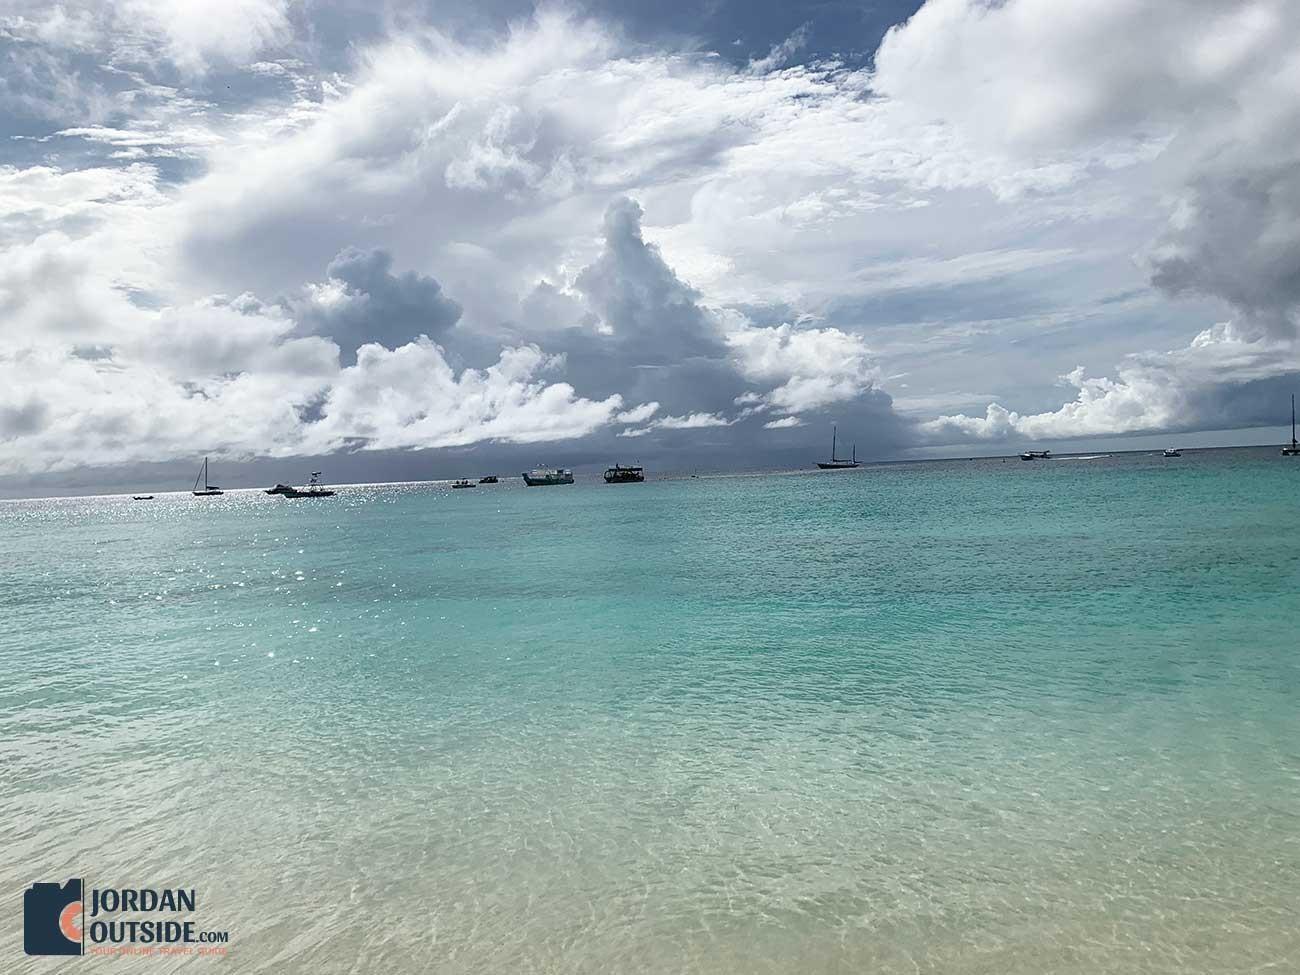 Beautiful view of ocean in Barbados